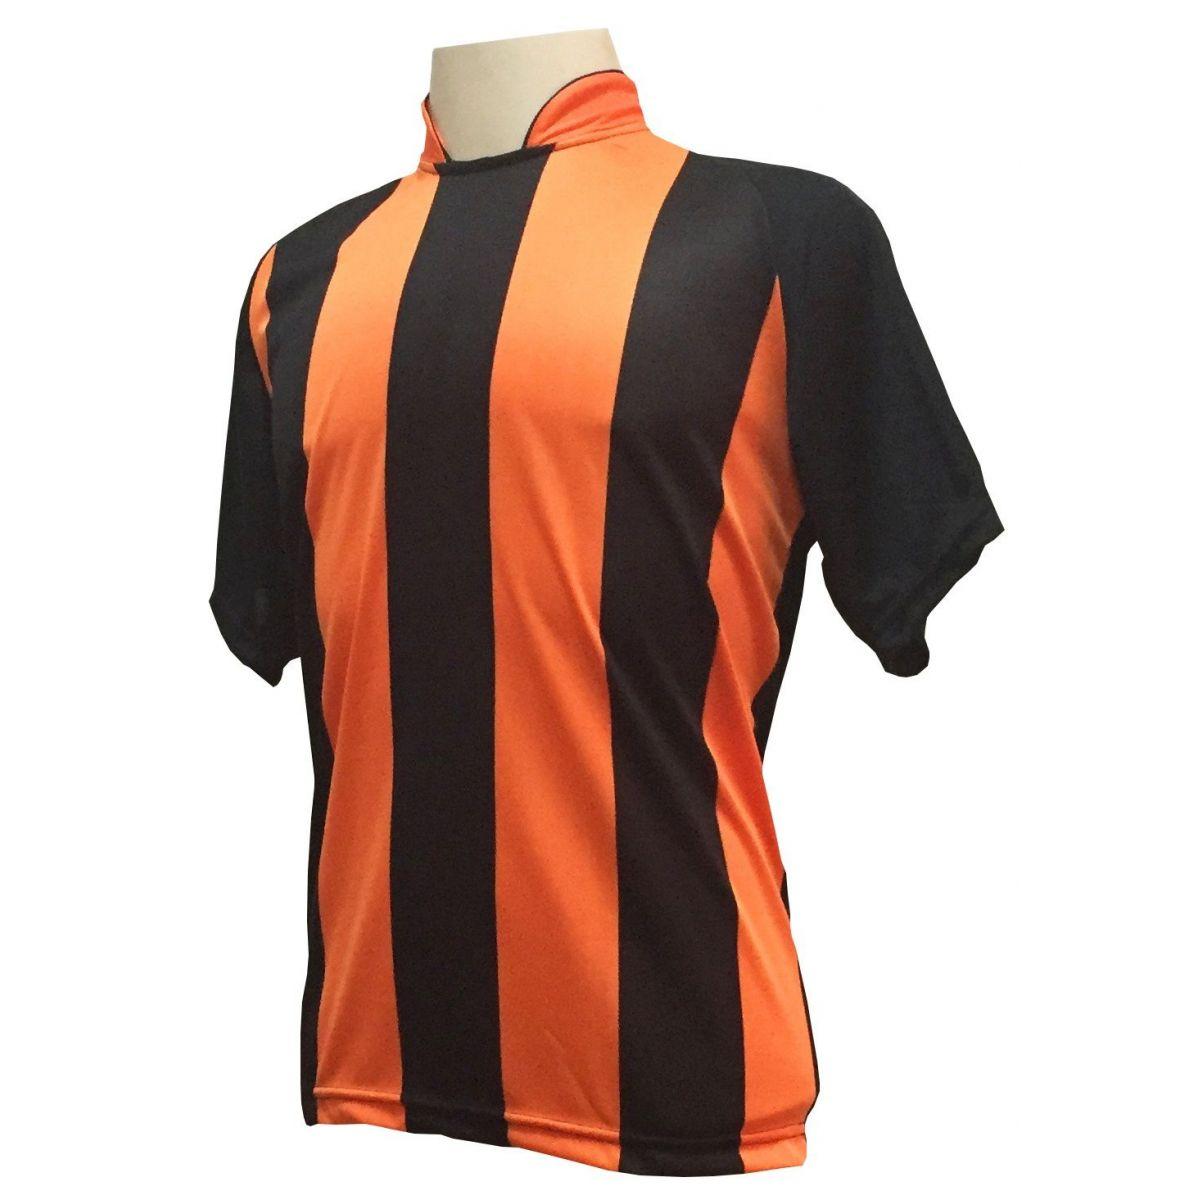 ... Uniforme Esportivo com 20 Camisas modelo Milan Preto Laranja + 20  Calções modelo Madrid Preto ... f24d01ccad45d